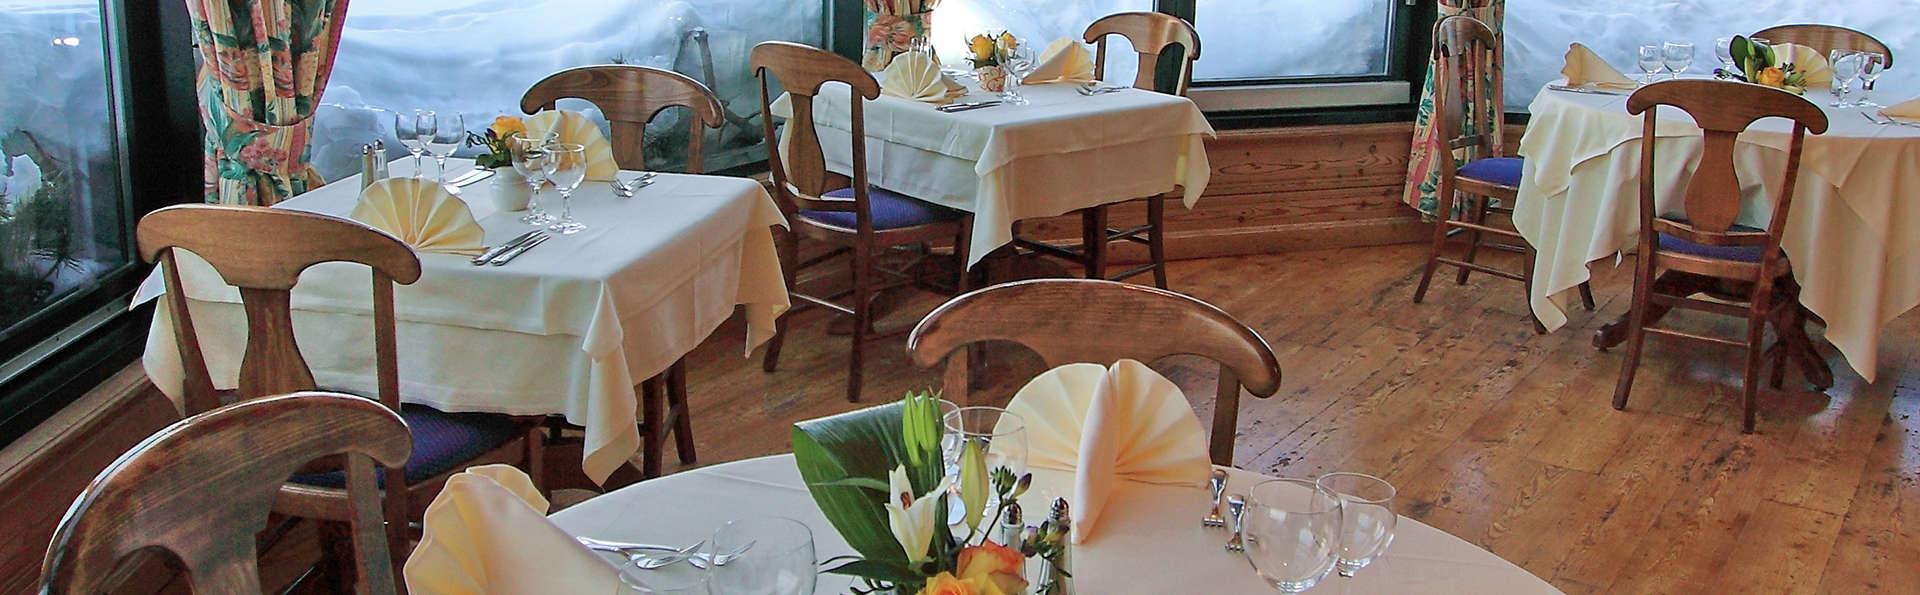 Relax et cuisine montagnarde avec vue magnifique sur la vallée à Veysonnaz (à partir de 2 nuits)